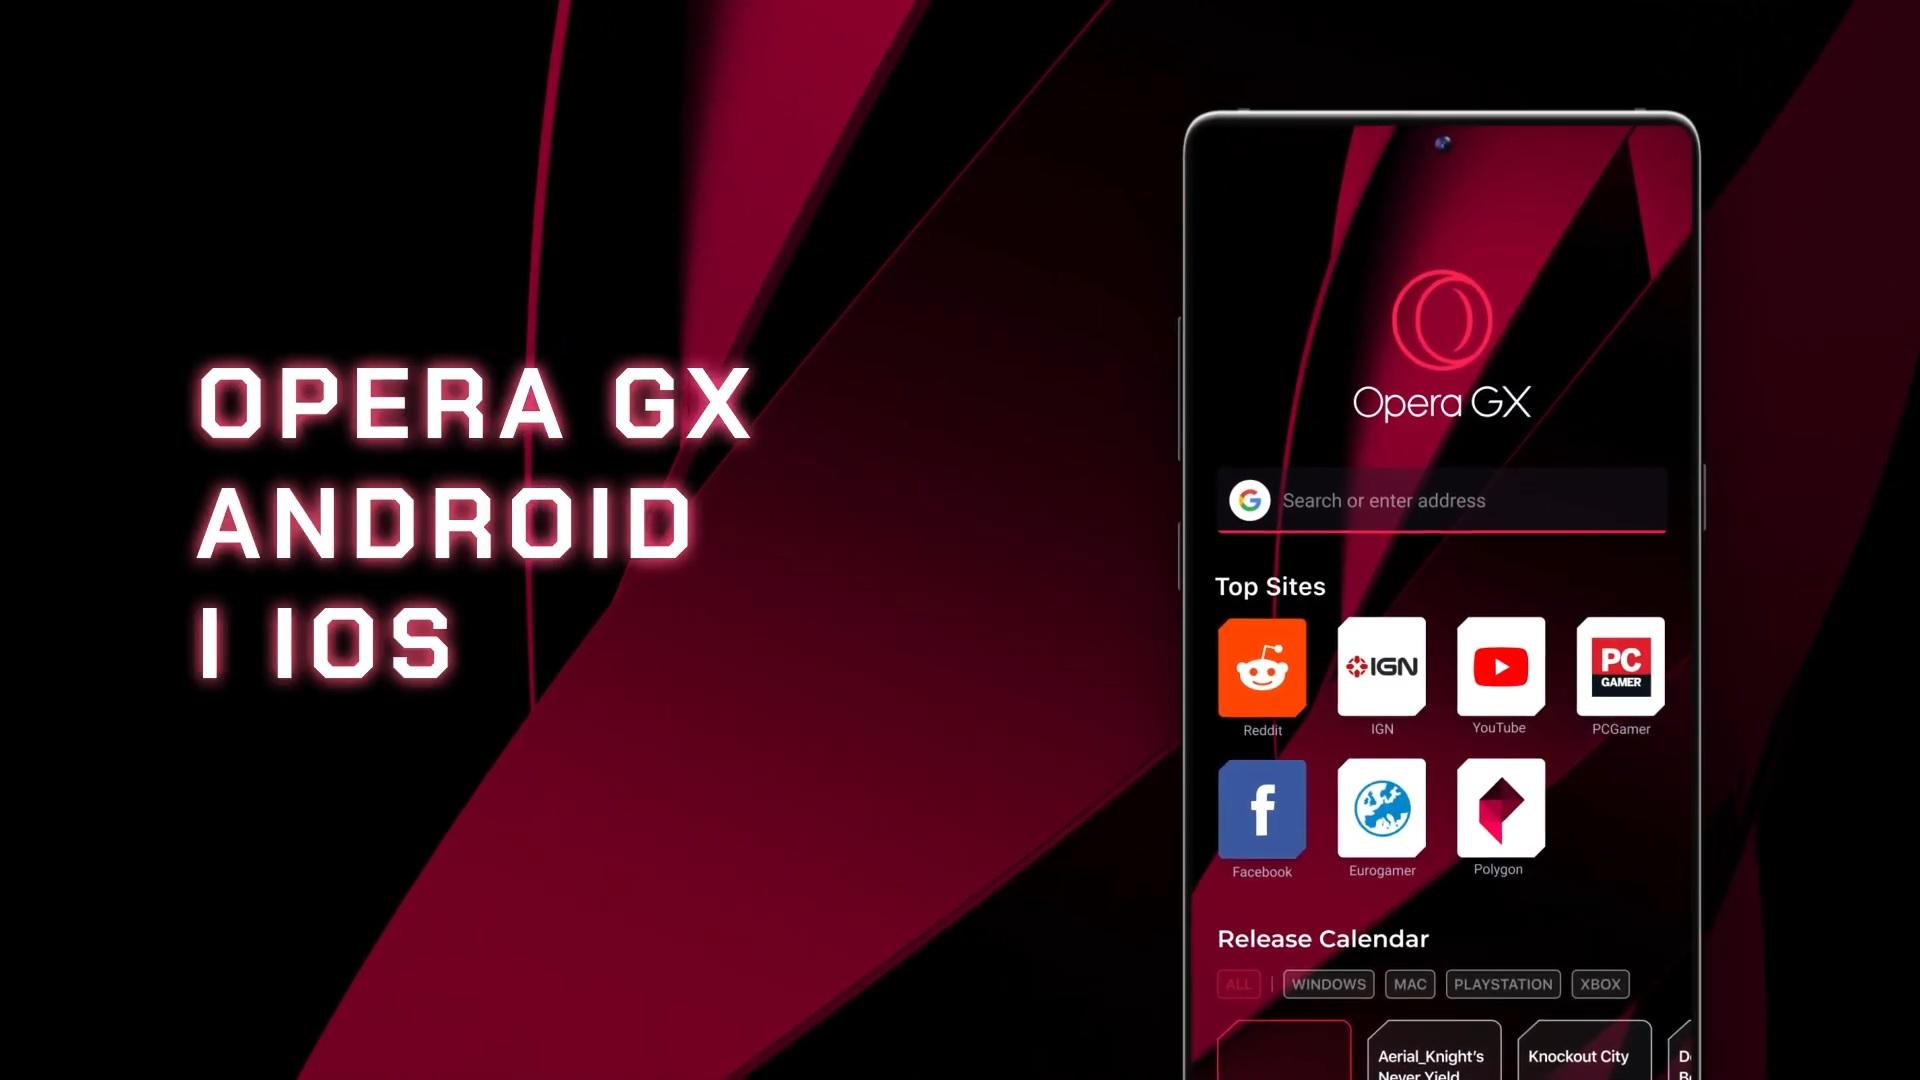 prezentacja przeglądarki opera gx mobile